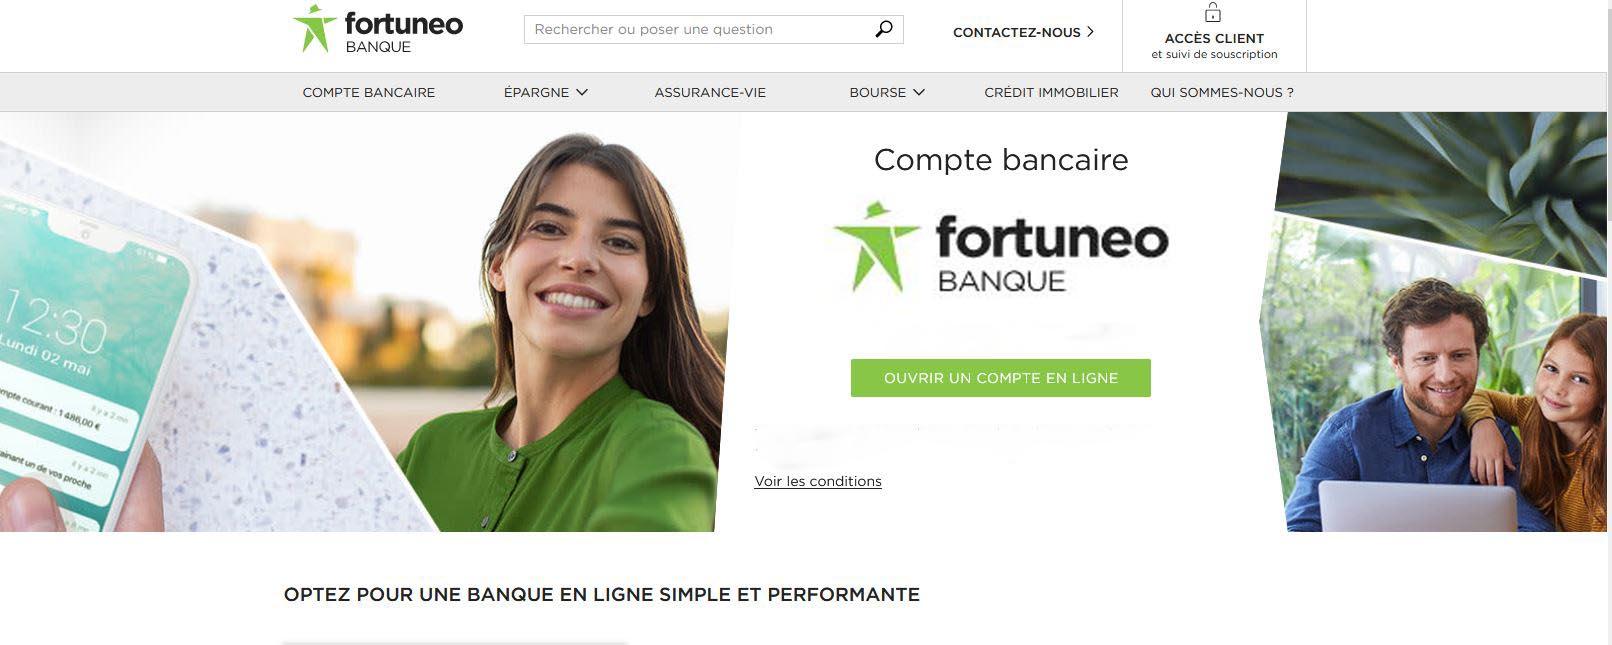 Comparatif du service client Fortuneo